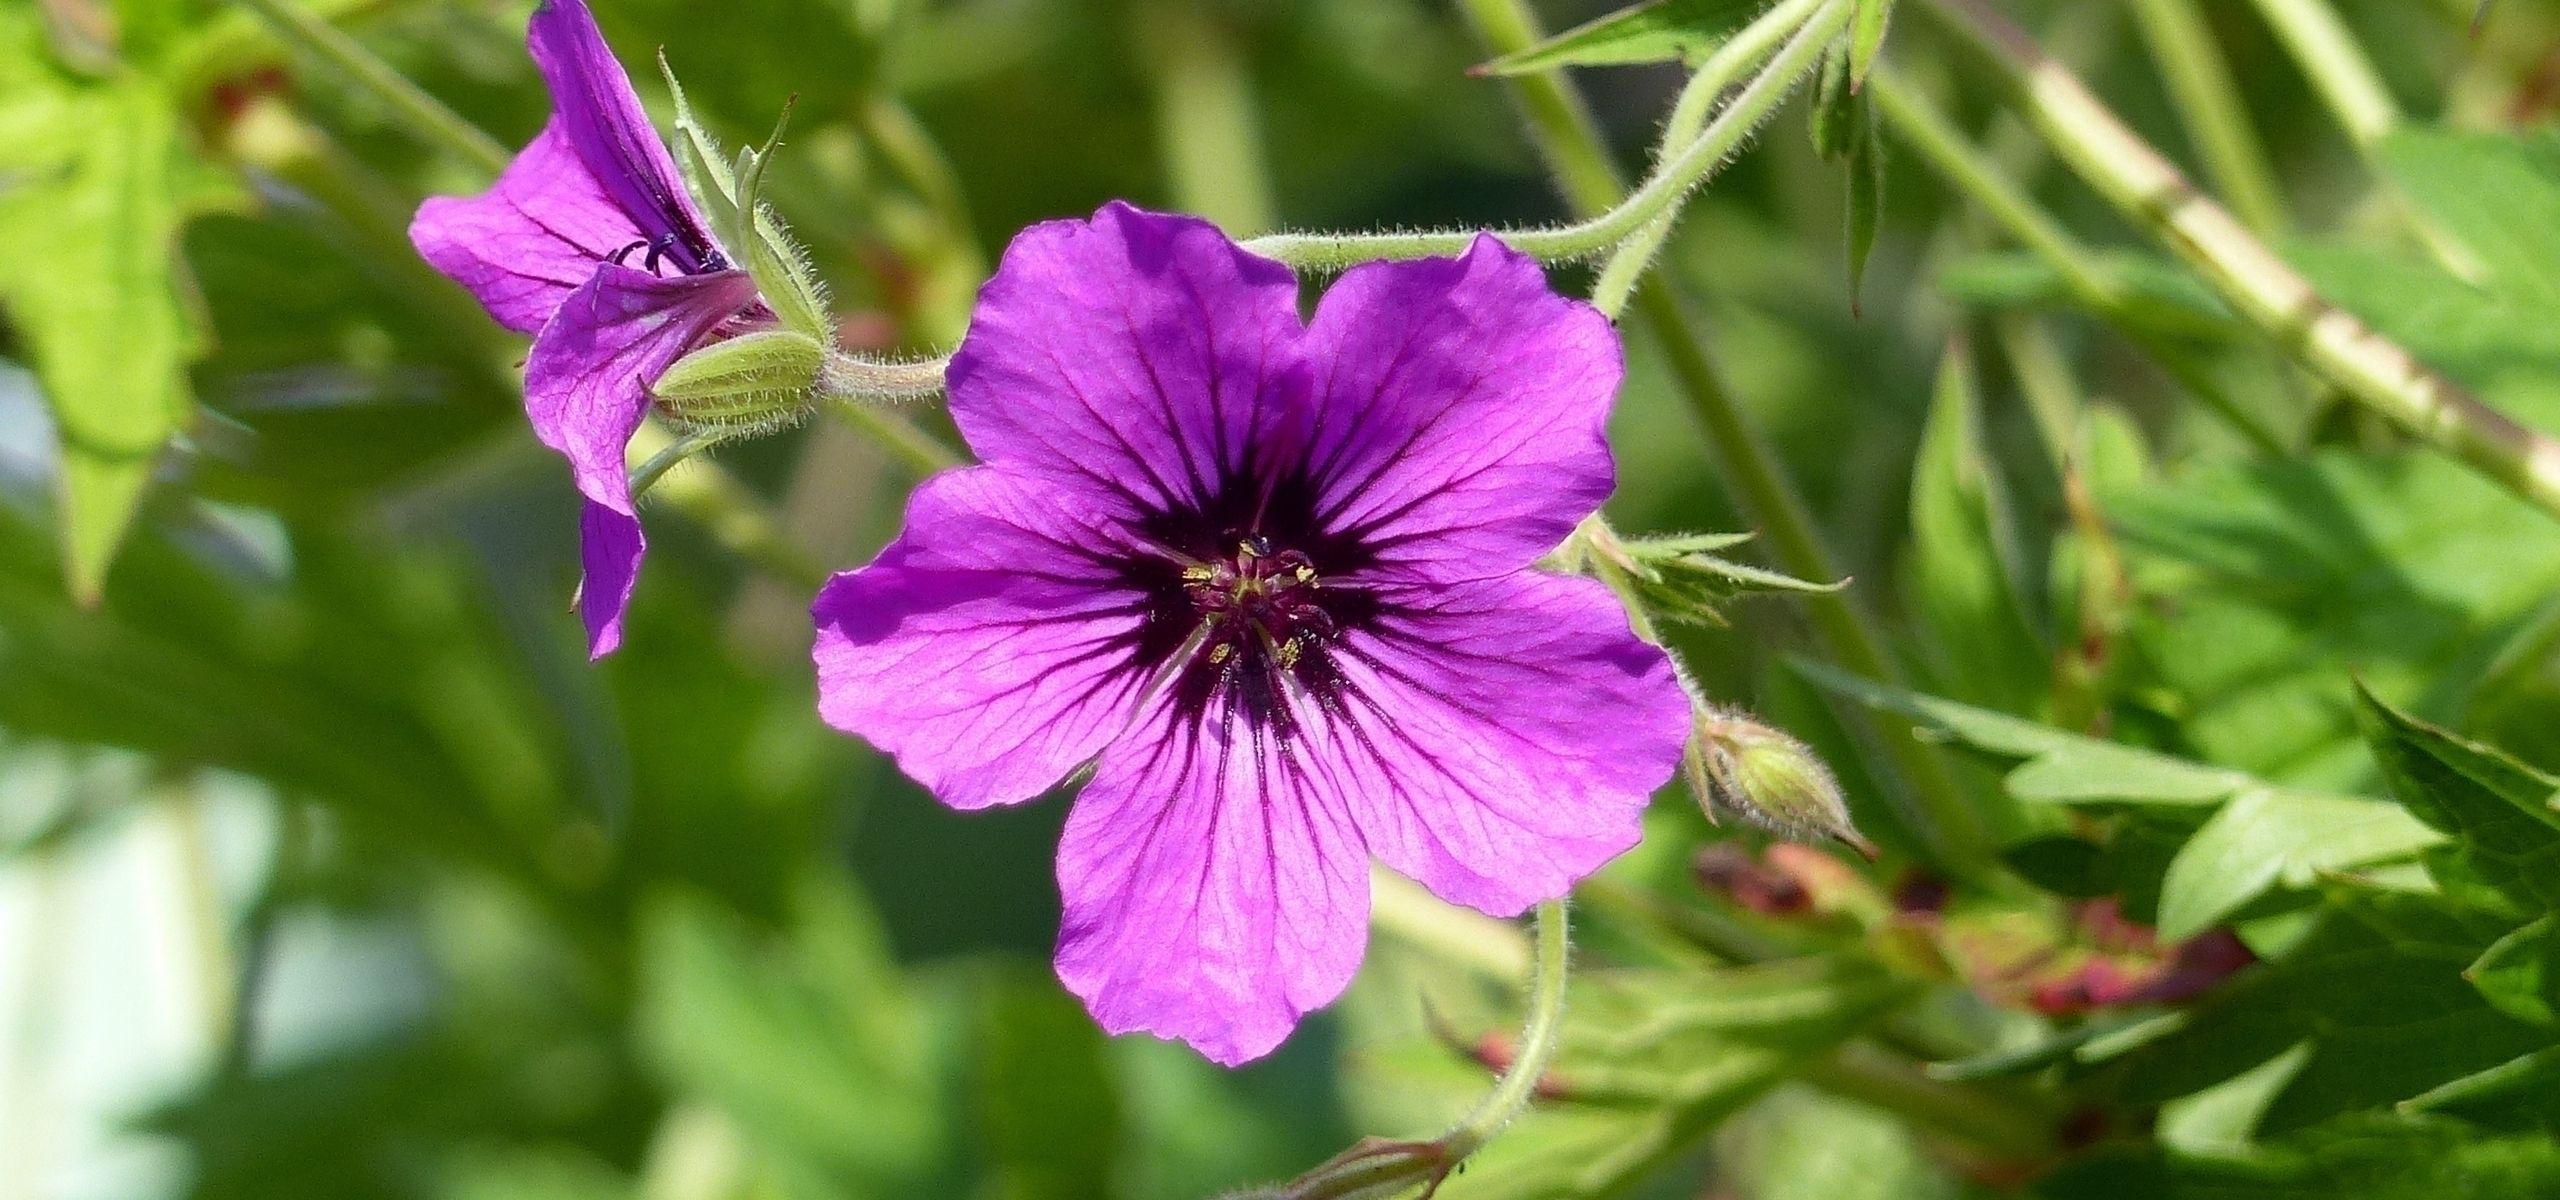 Les Geraniums Vivaces A Longue Floraison Geranium Vivace